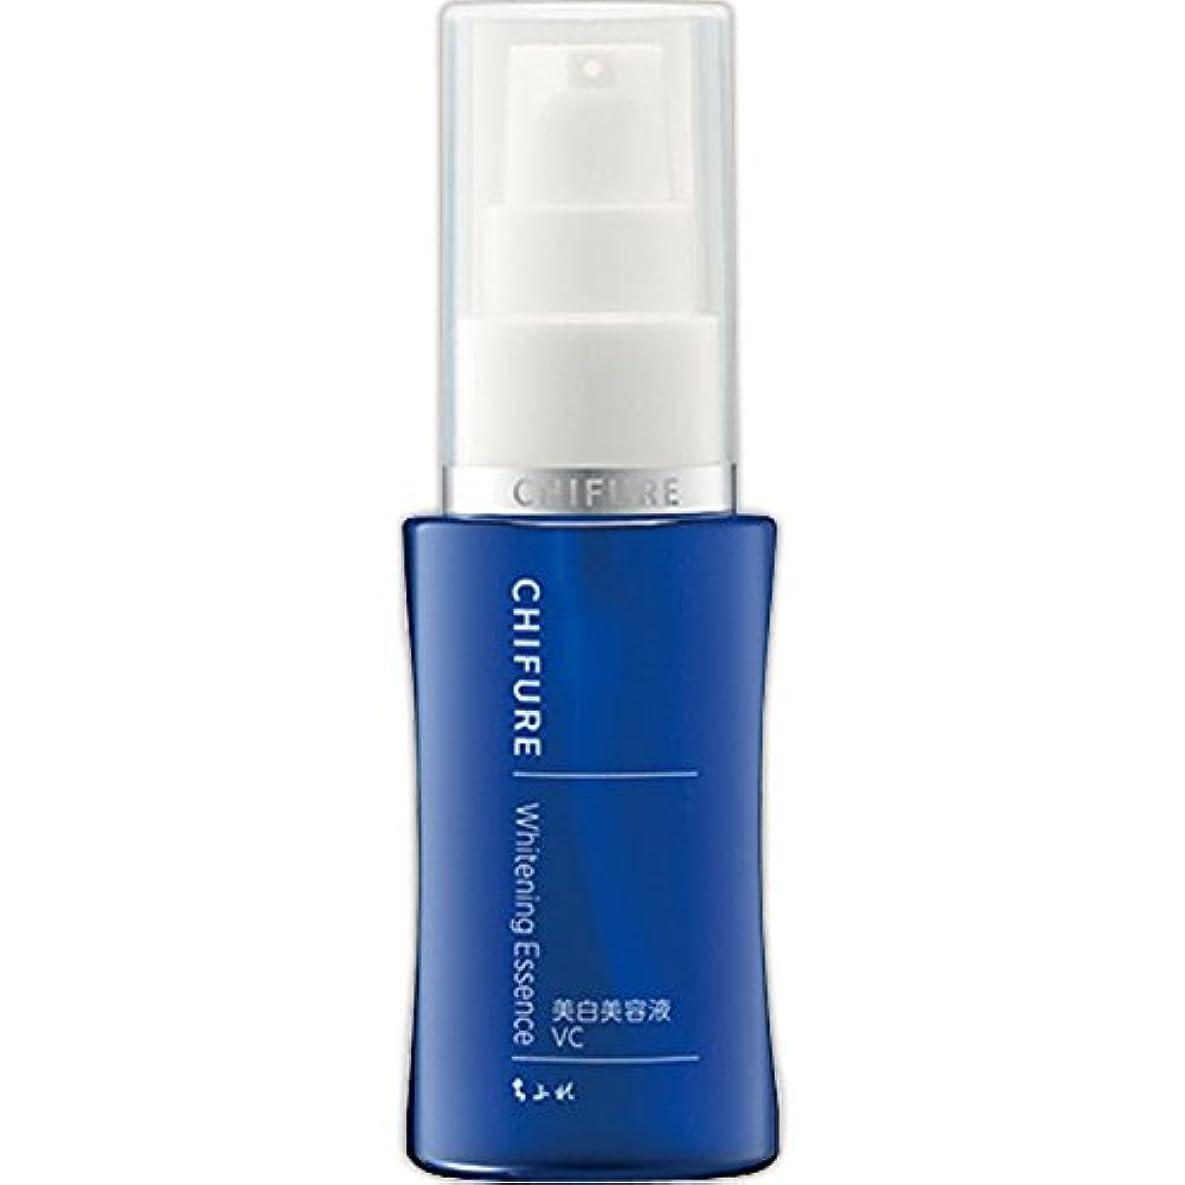 バズヨーグルトフレームワークちふれ化粧品 美白美容液 VC 30ML (医薬部外品)